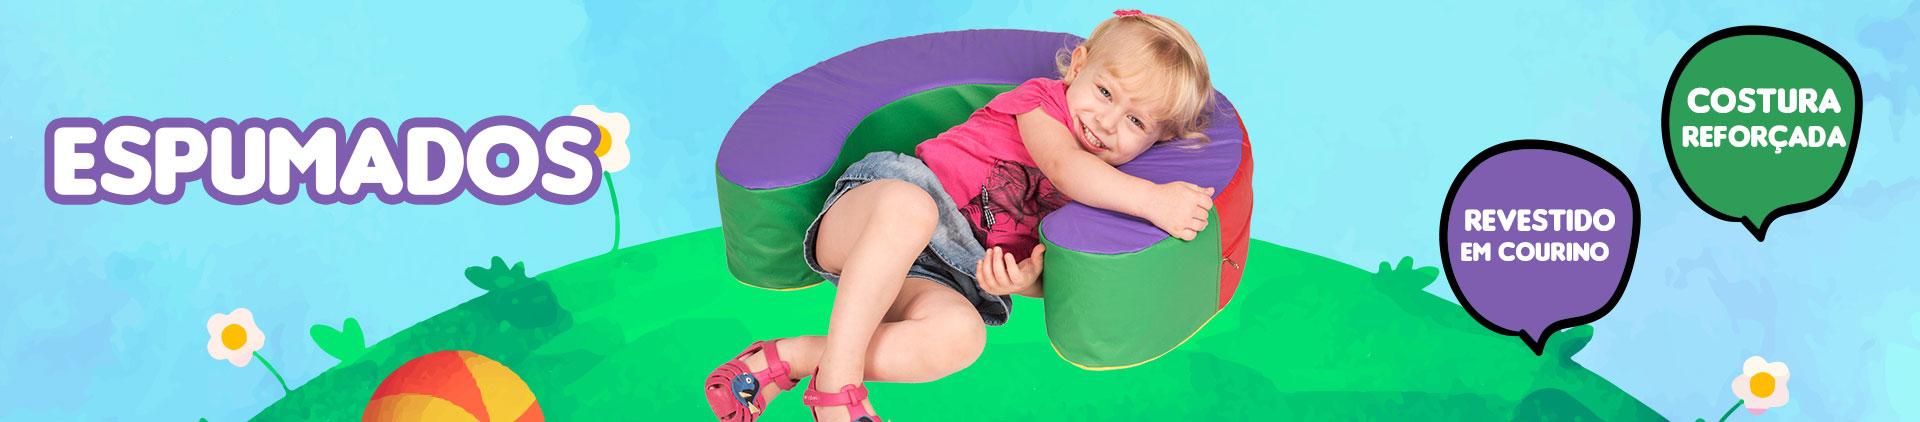 2fd81f4c56 Melhores Brinquedos Educativos Para as Crianças e colchonetes. Conheça a  PlayHobbies